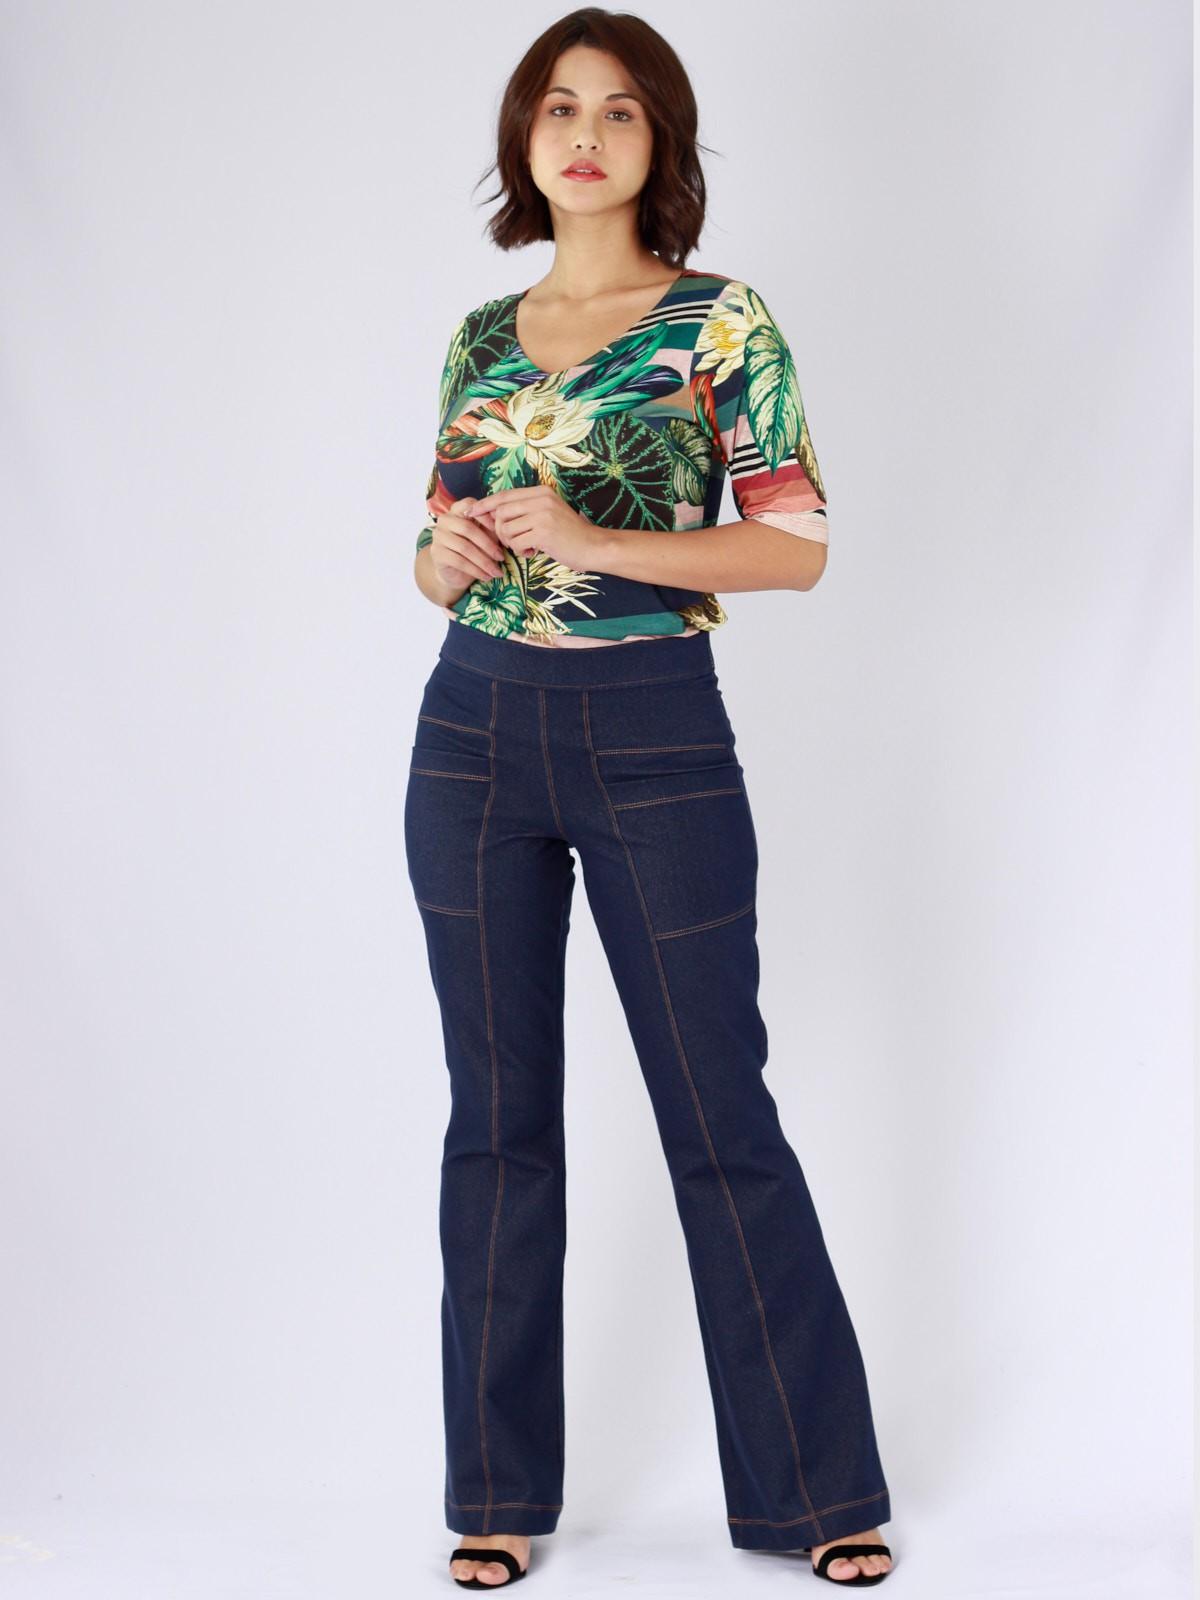 Blusa Decote V Malha Estampada